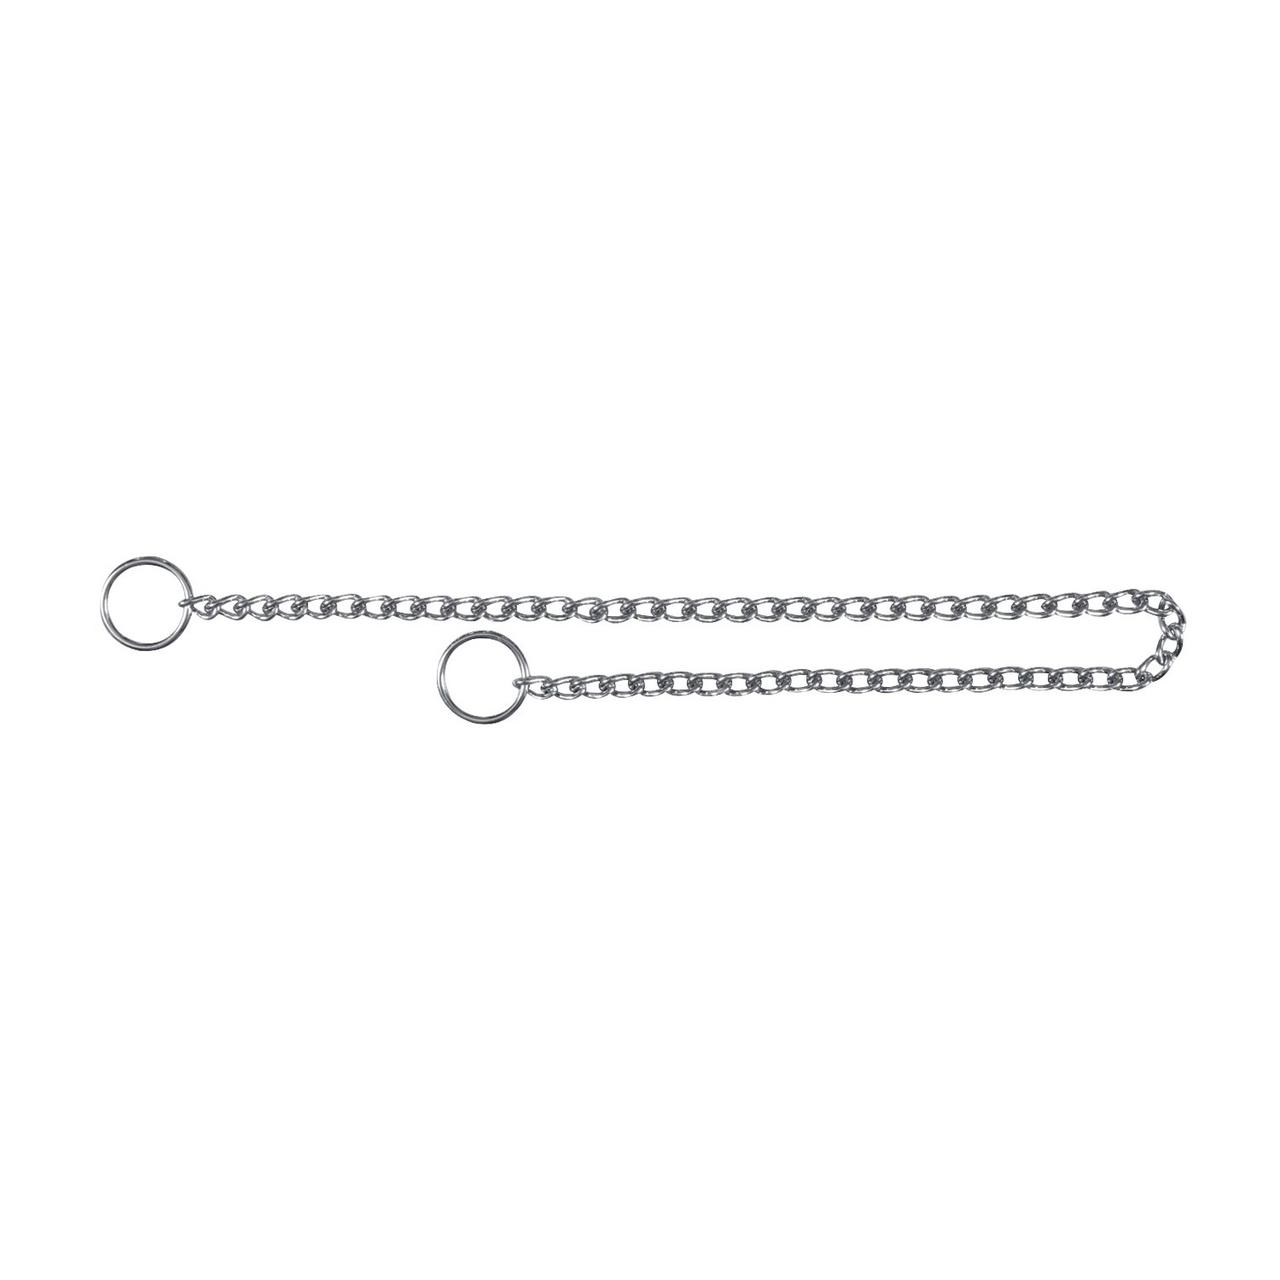 Цепь-удавка Trixie хромированная 55 см / 3 мм